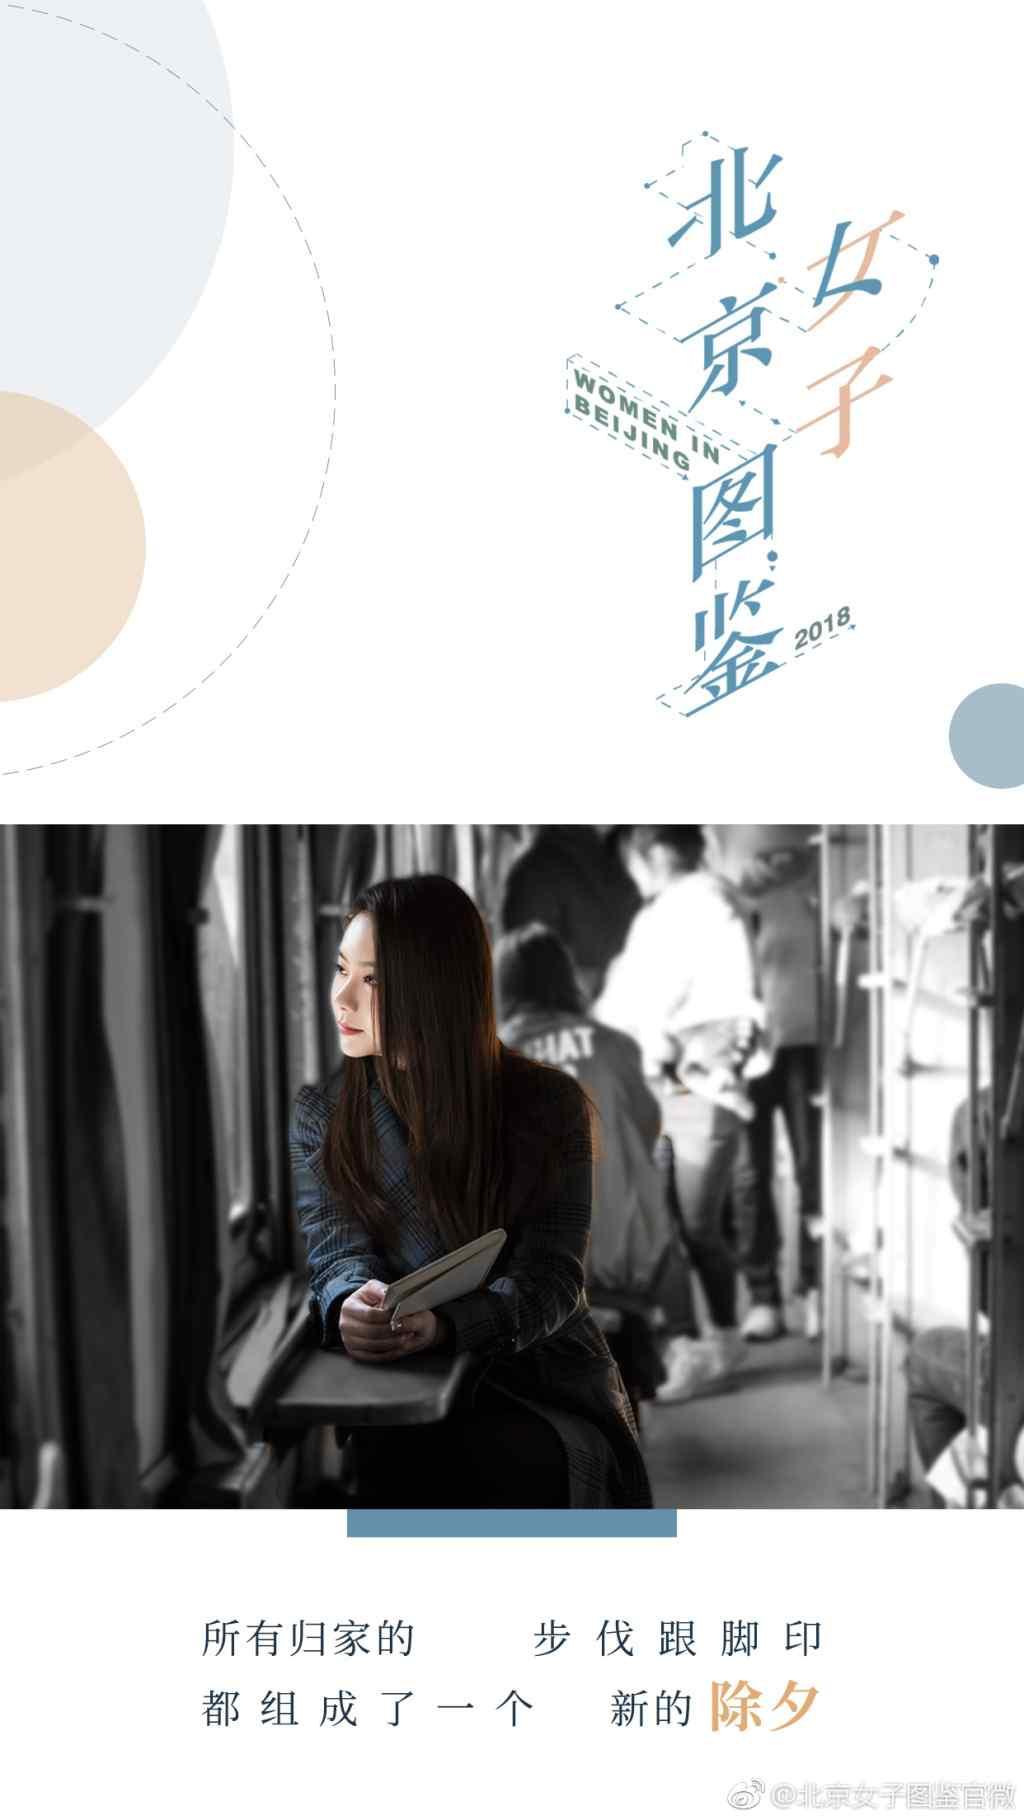 北京女子图鉴角色海报正式版大陆